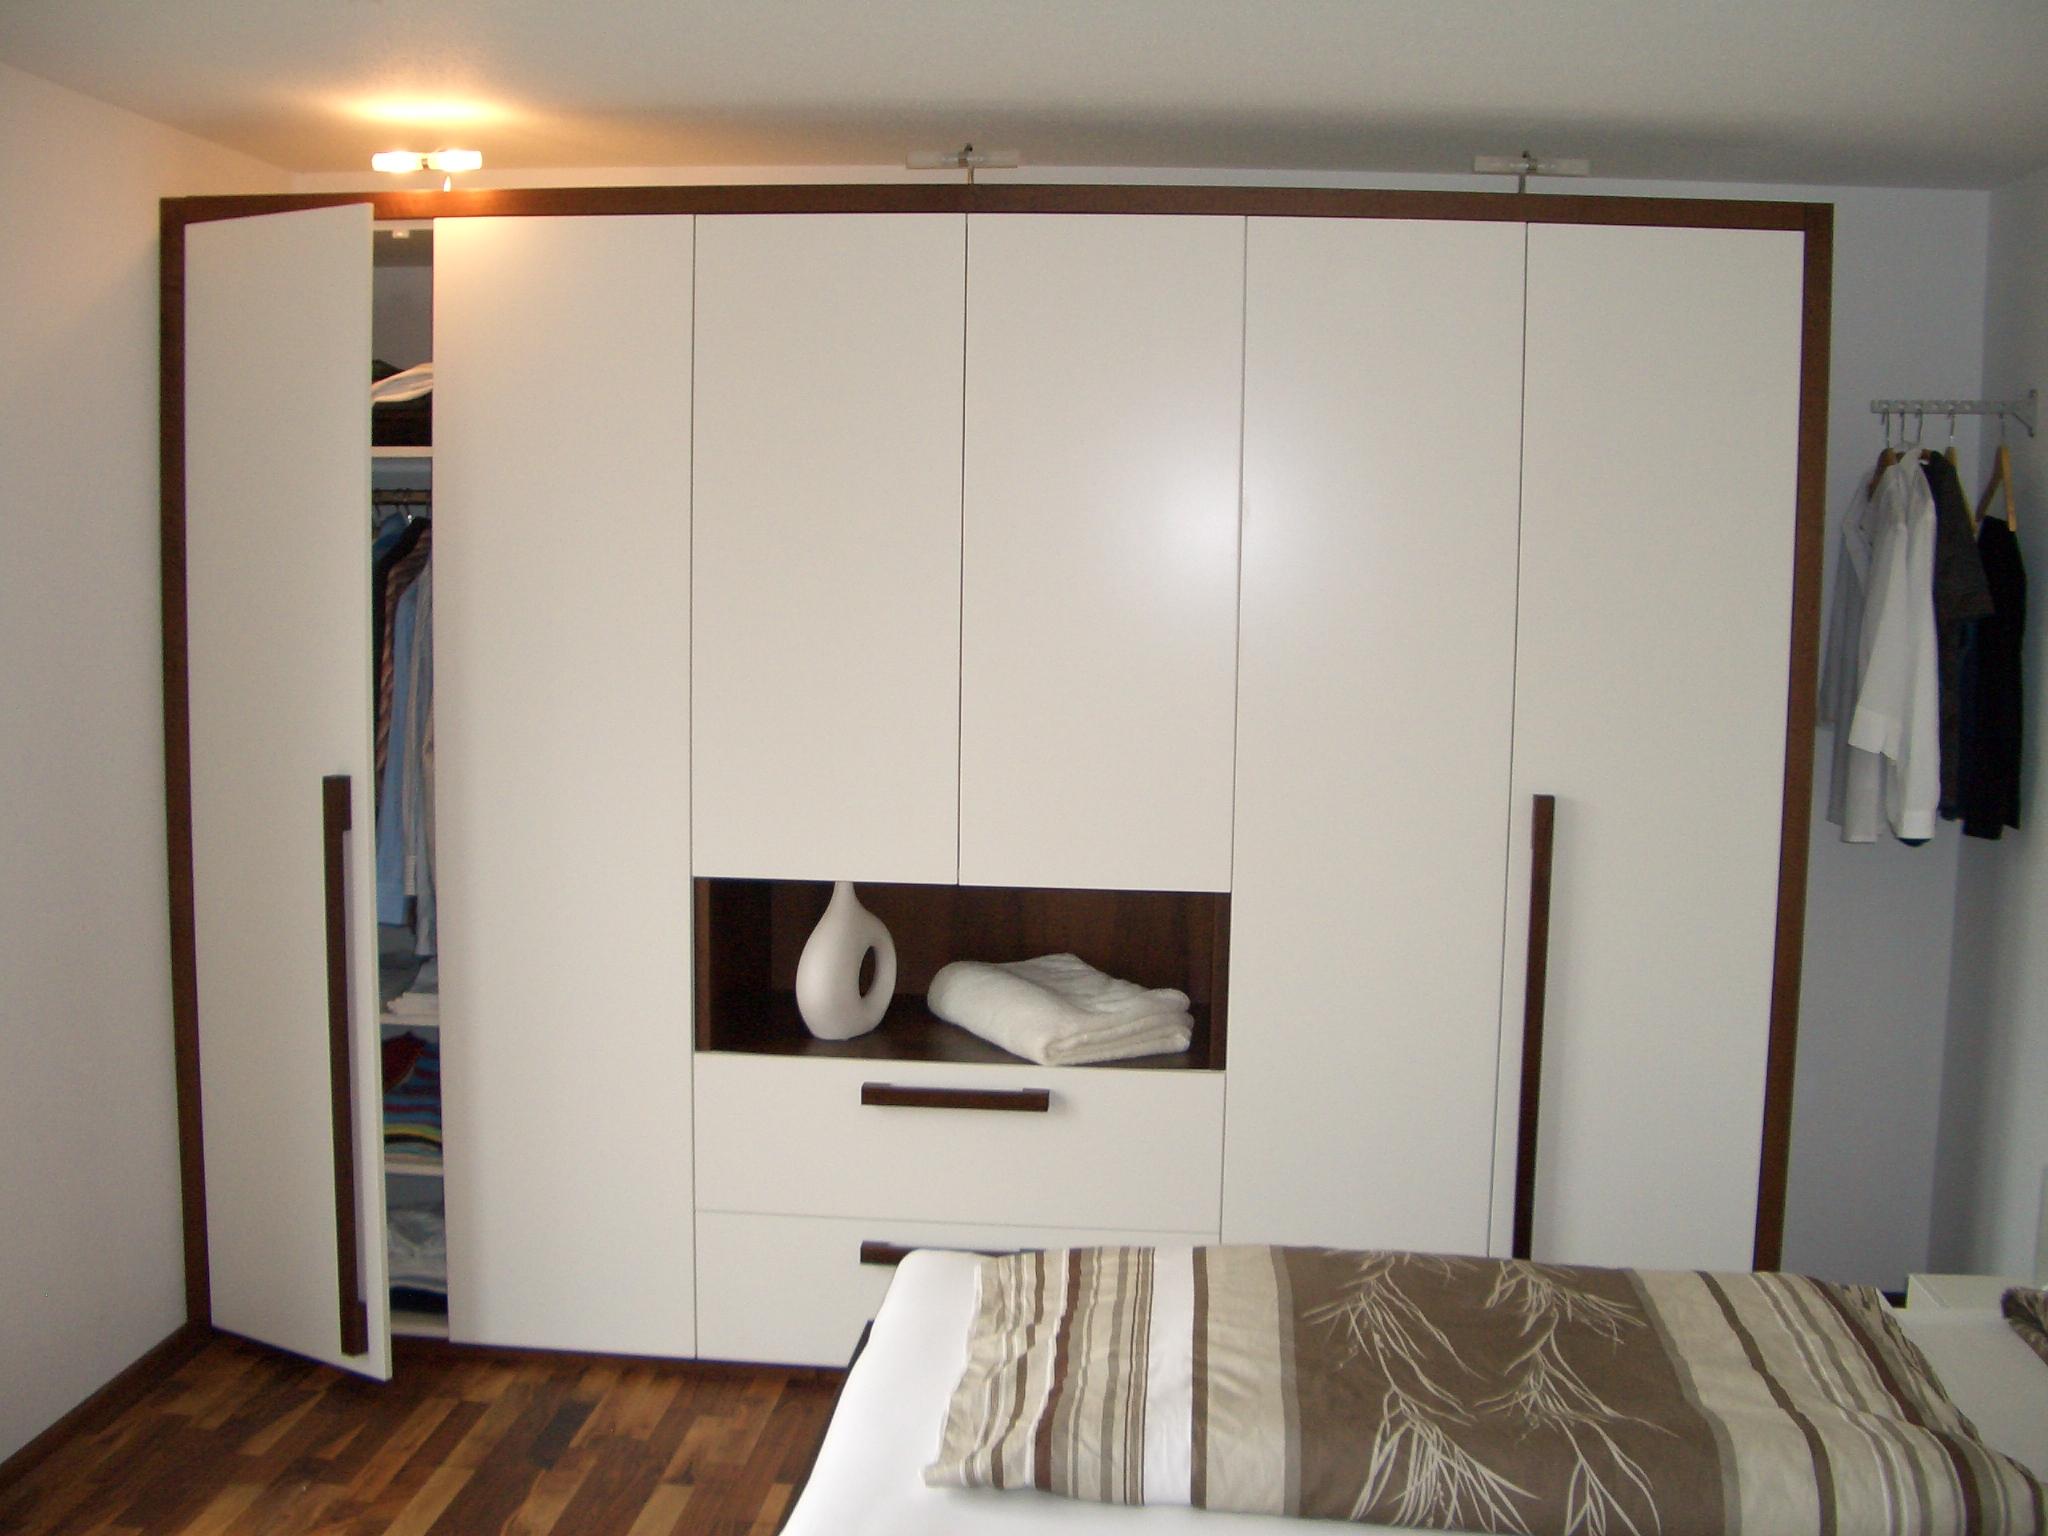 Schlafzimmerschrank weißlack mit Echtholz kombiniert